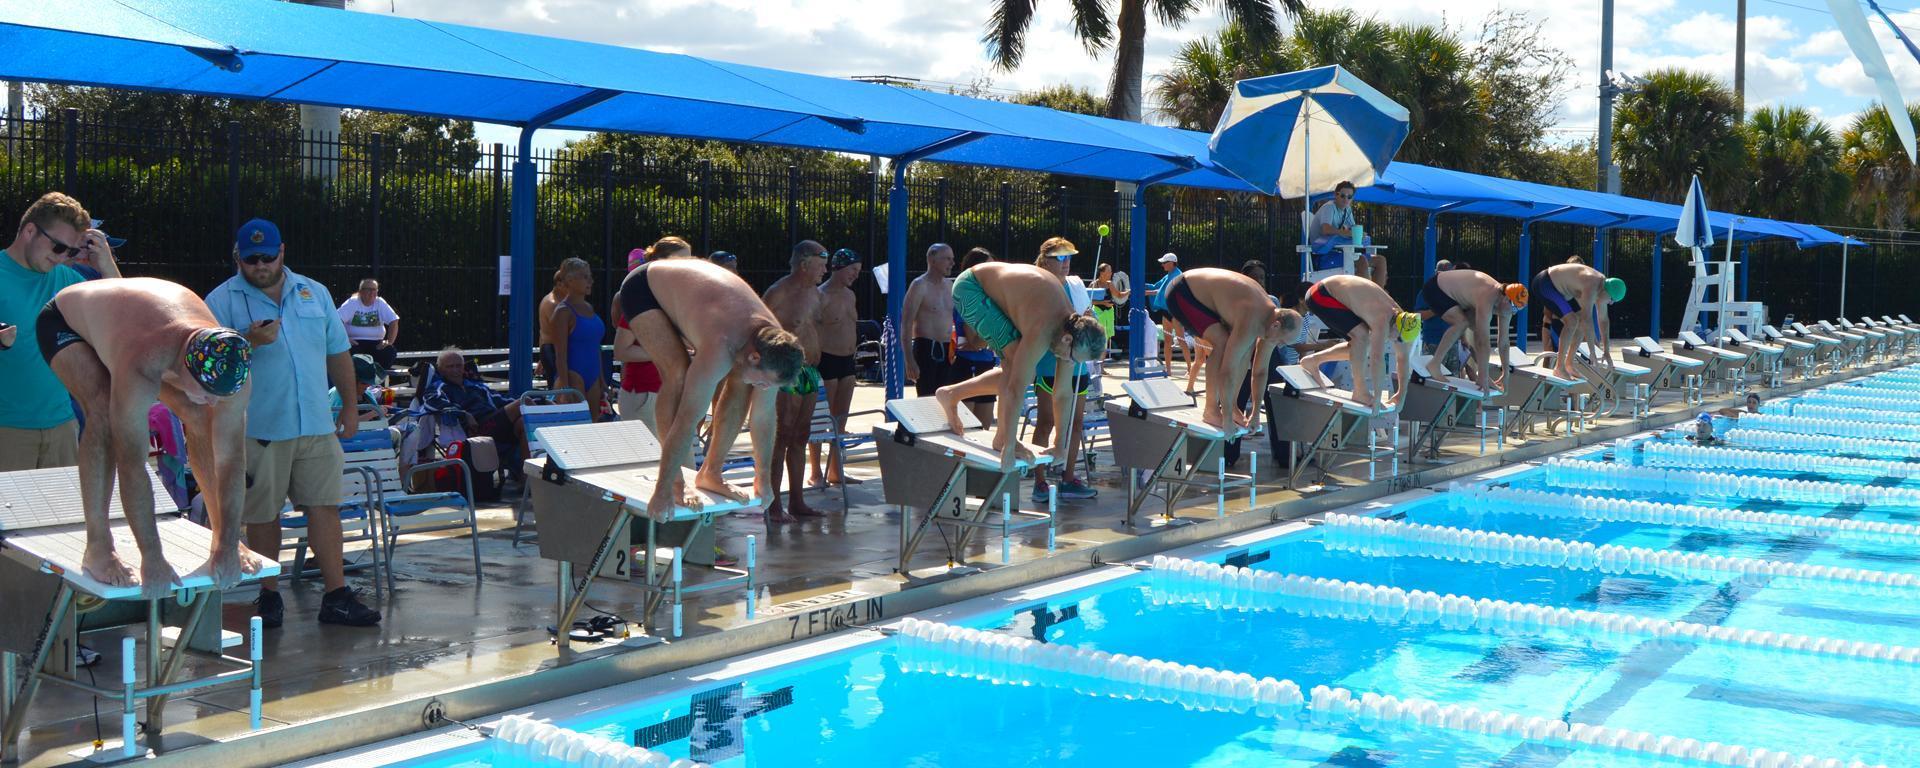 Athletes participate in a swim event during the senior games